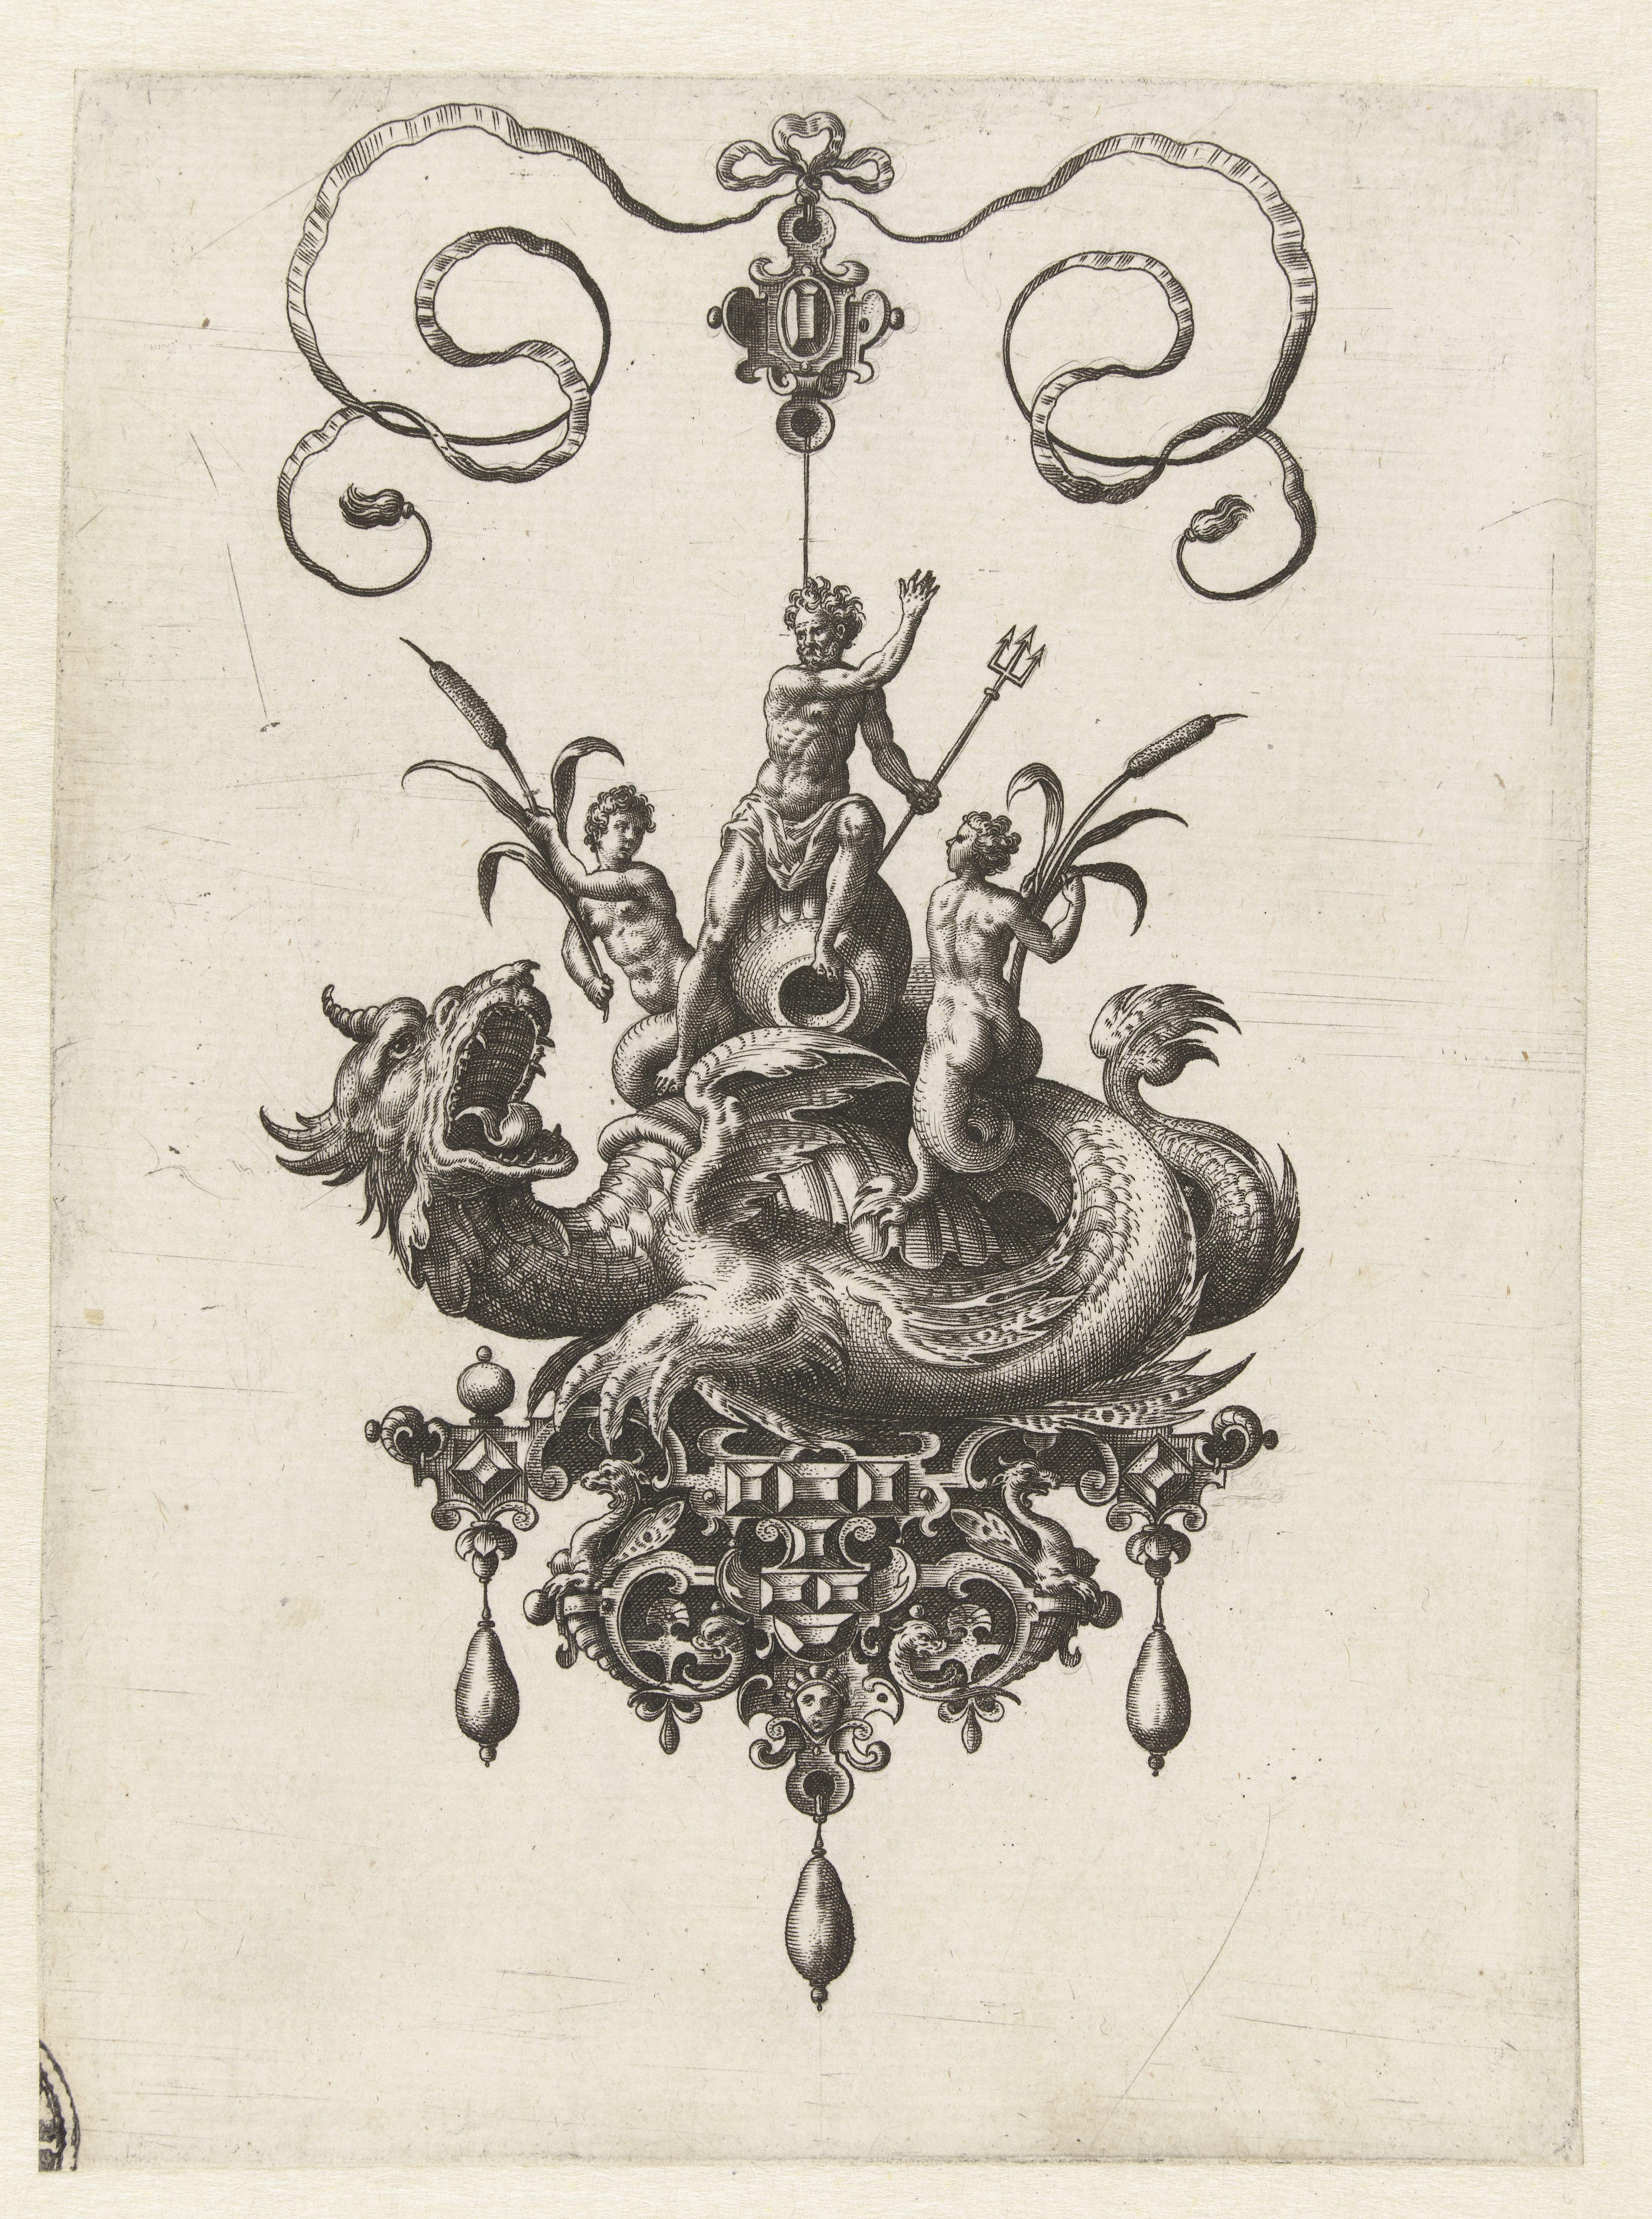 Adriaen Collaert, Hanger met zeedraak, gravure, 1582. Collectie Rijksmuseum, RP-P-1987-2, publiek domein (CC0 1.0)